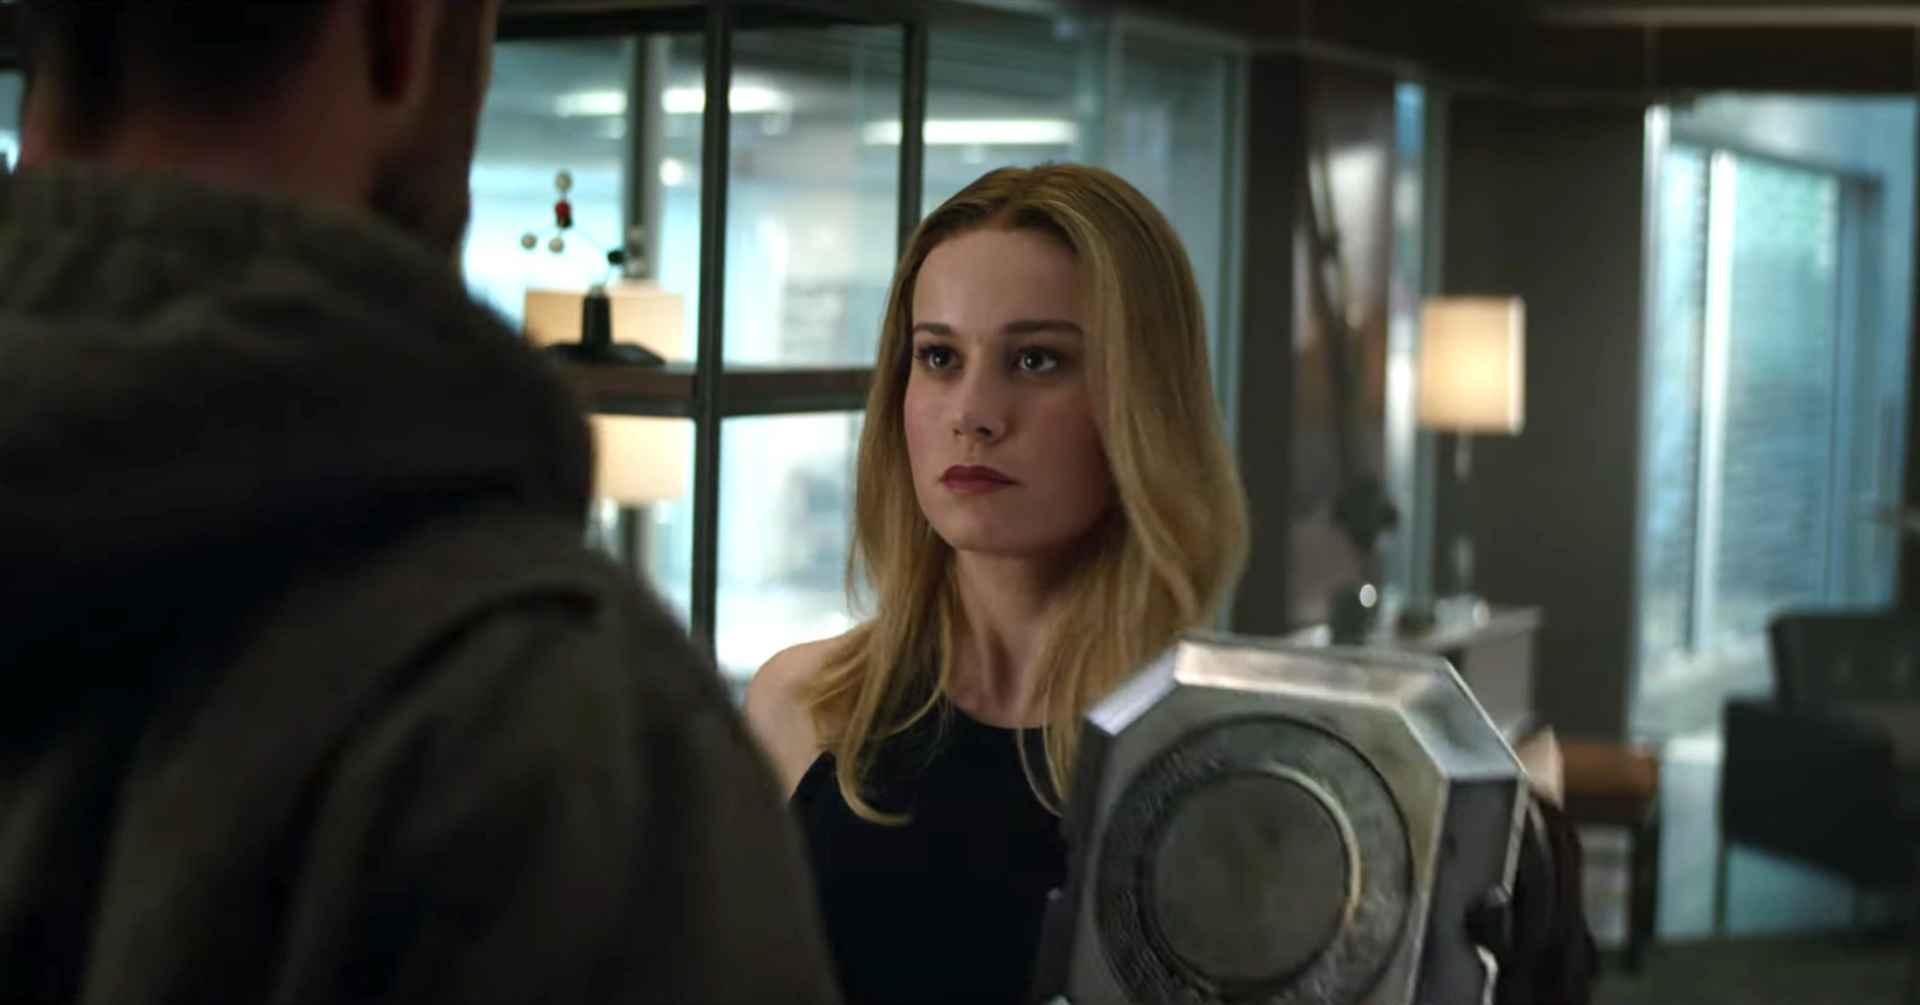 Avengers: Endgame Brie Larson